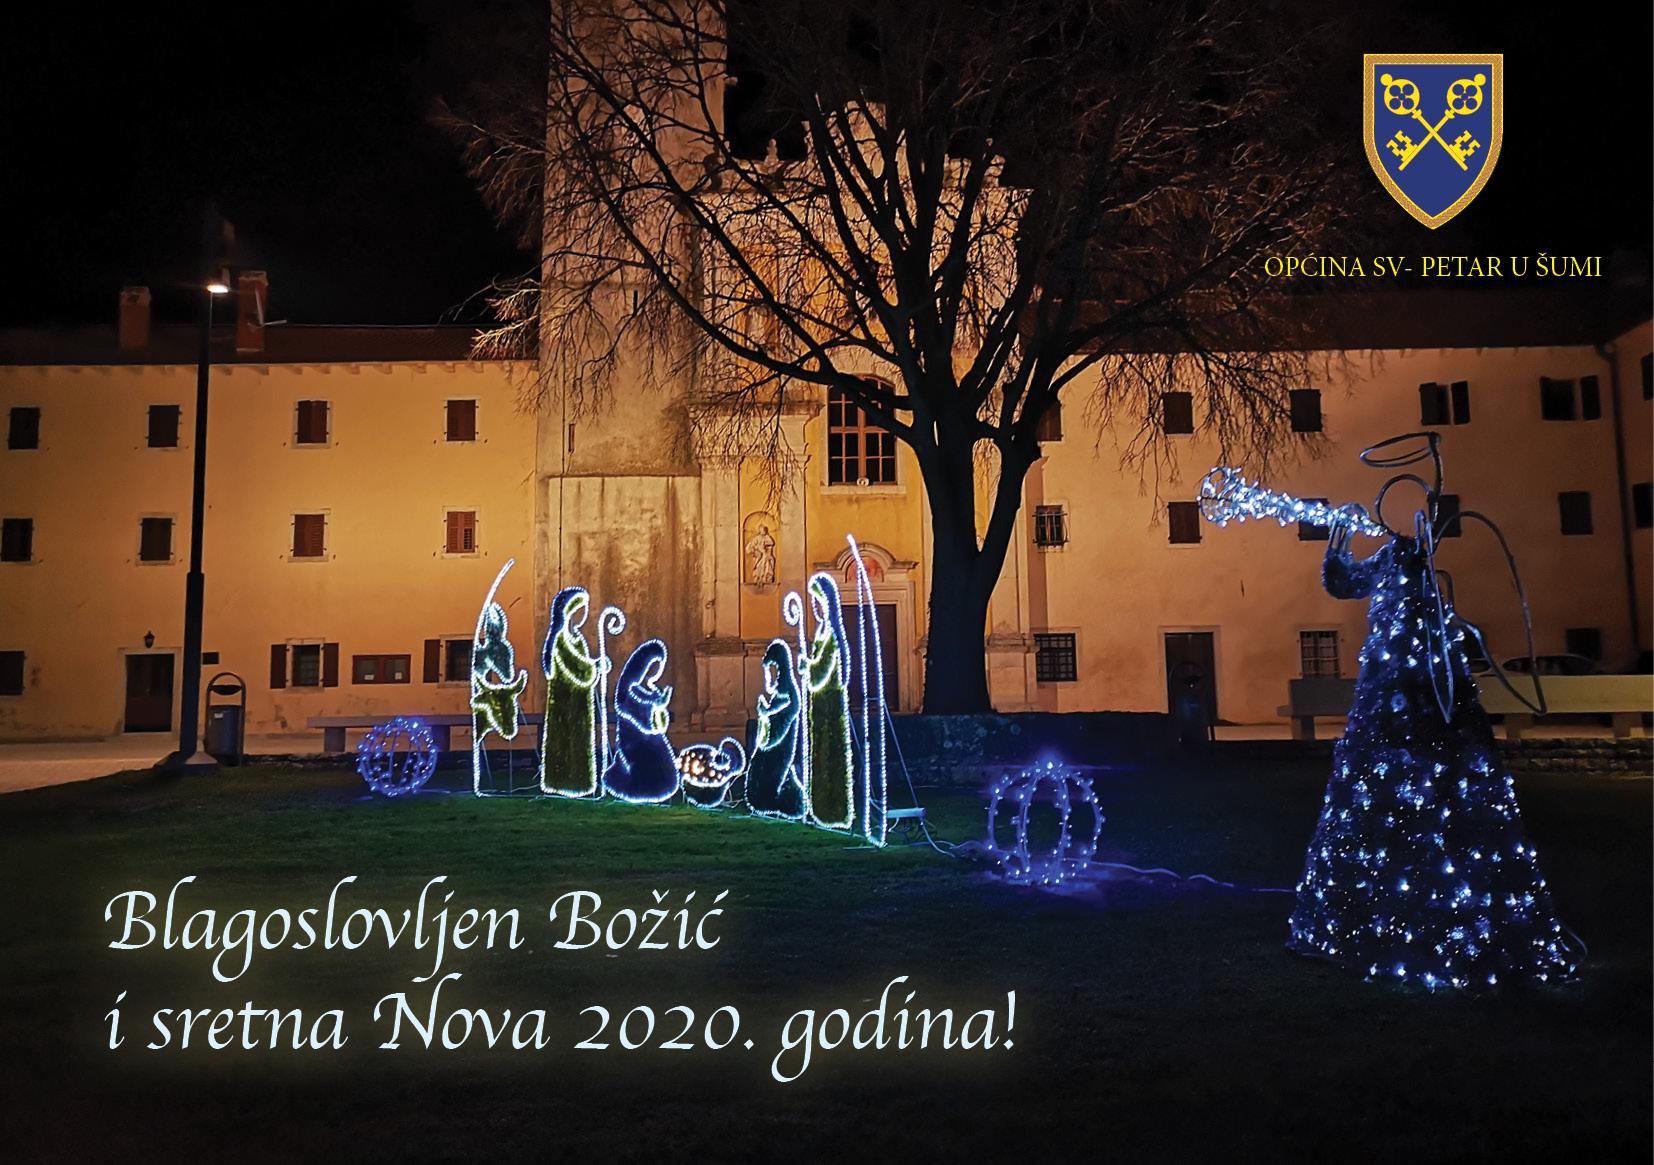 BLAGOSLOVLJEN BOŽIĆ I SRETNA NOVA 2020. GODINA!